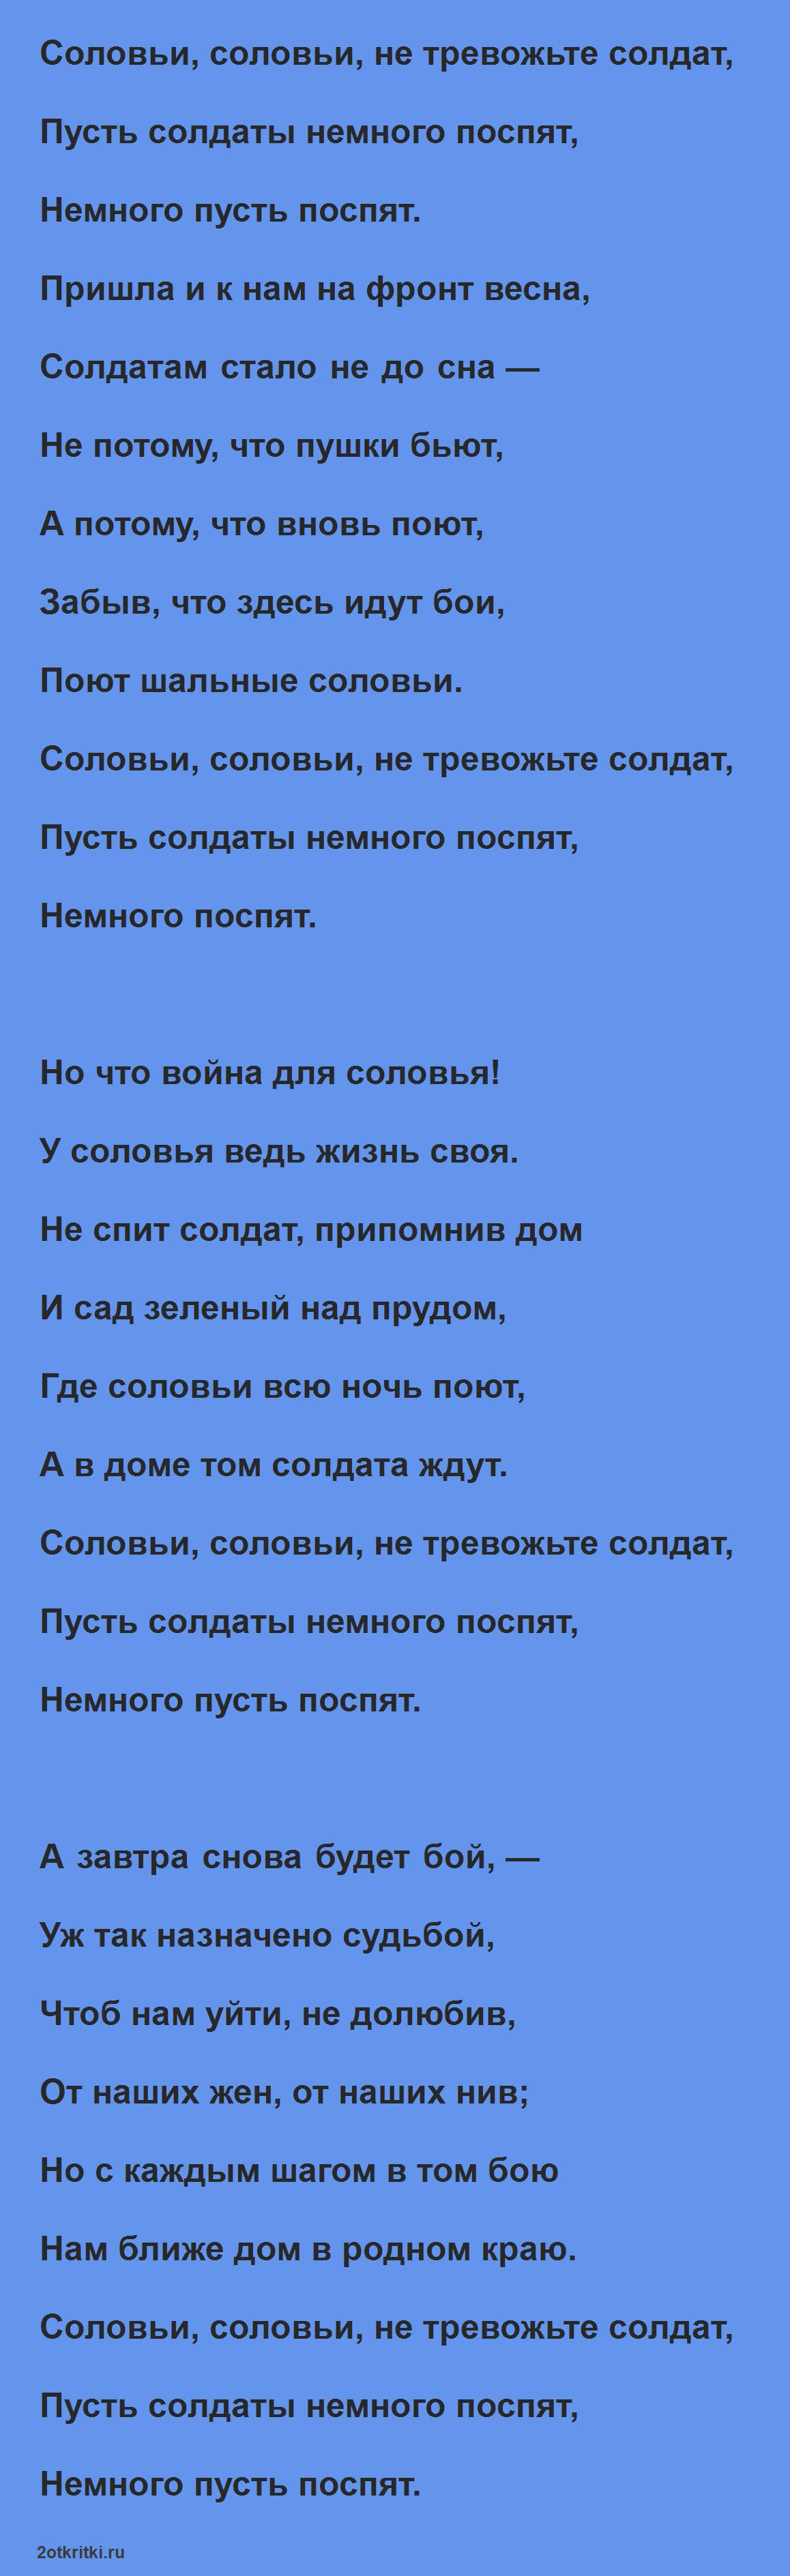 Песни на 9 мая - Соловьи